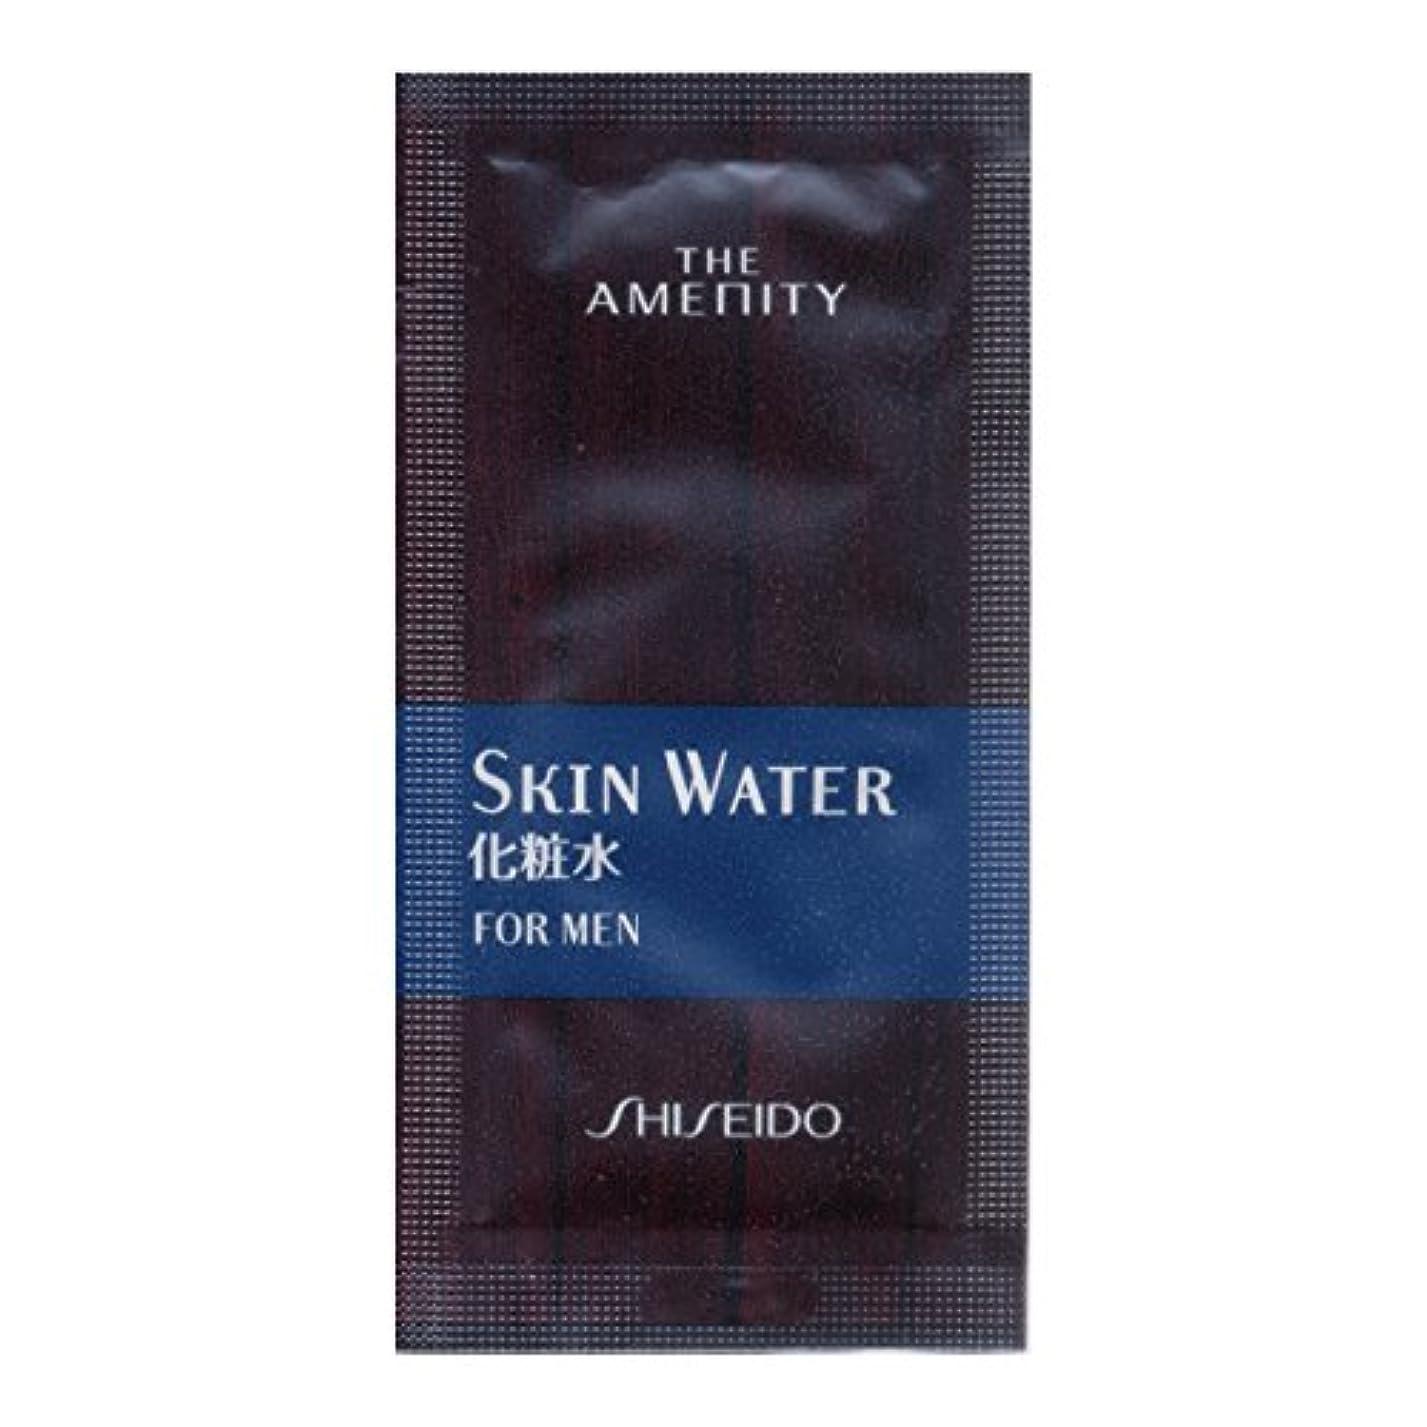 資生堂 レクシブ スキンウォーター(化粧水)3mlパウチ 100包